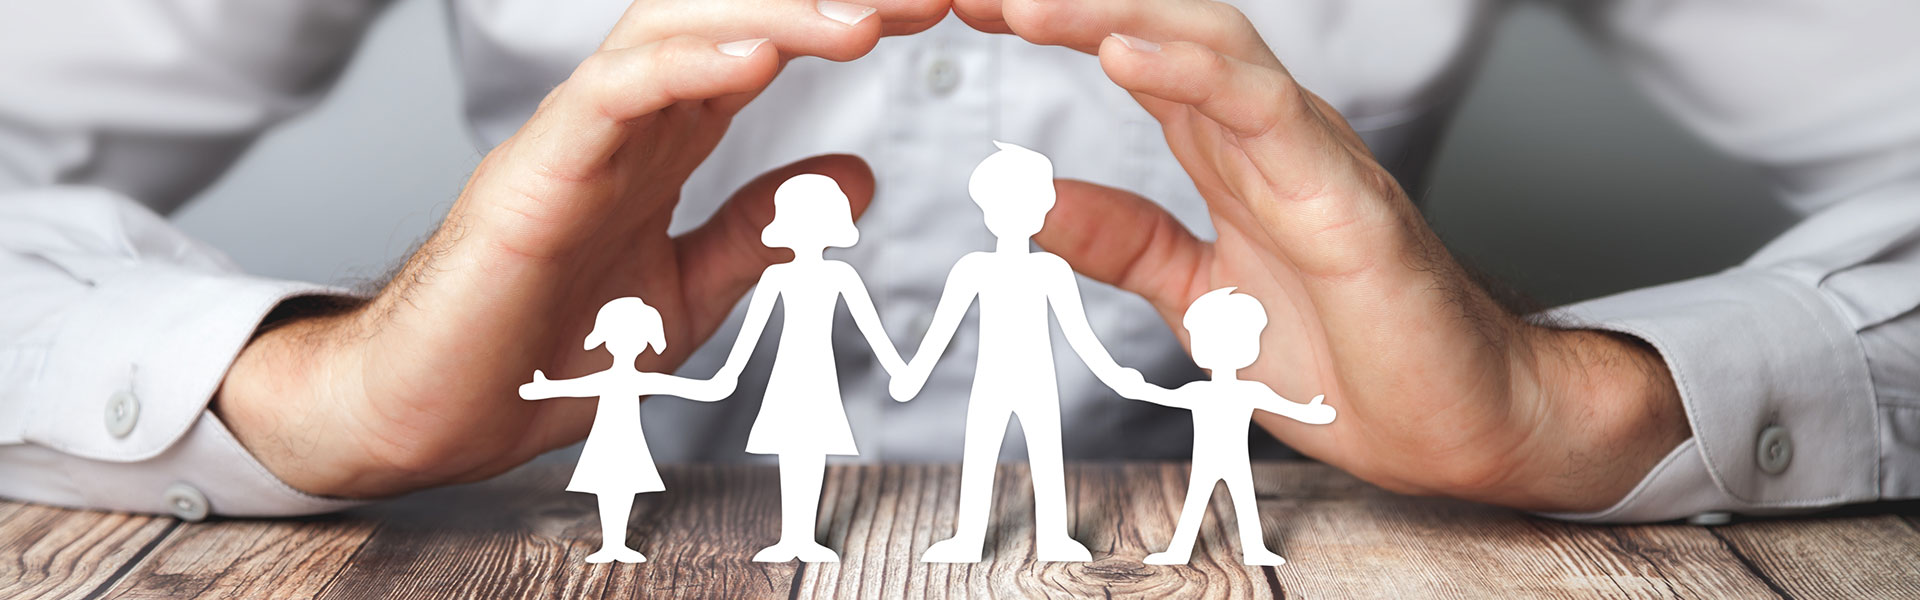 Hände formen Dach mit Papierfamilie